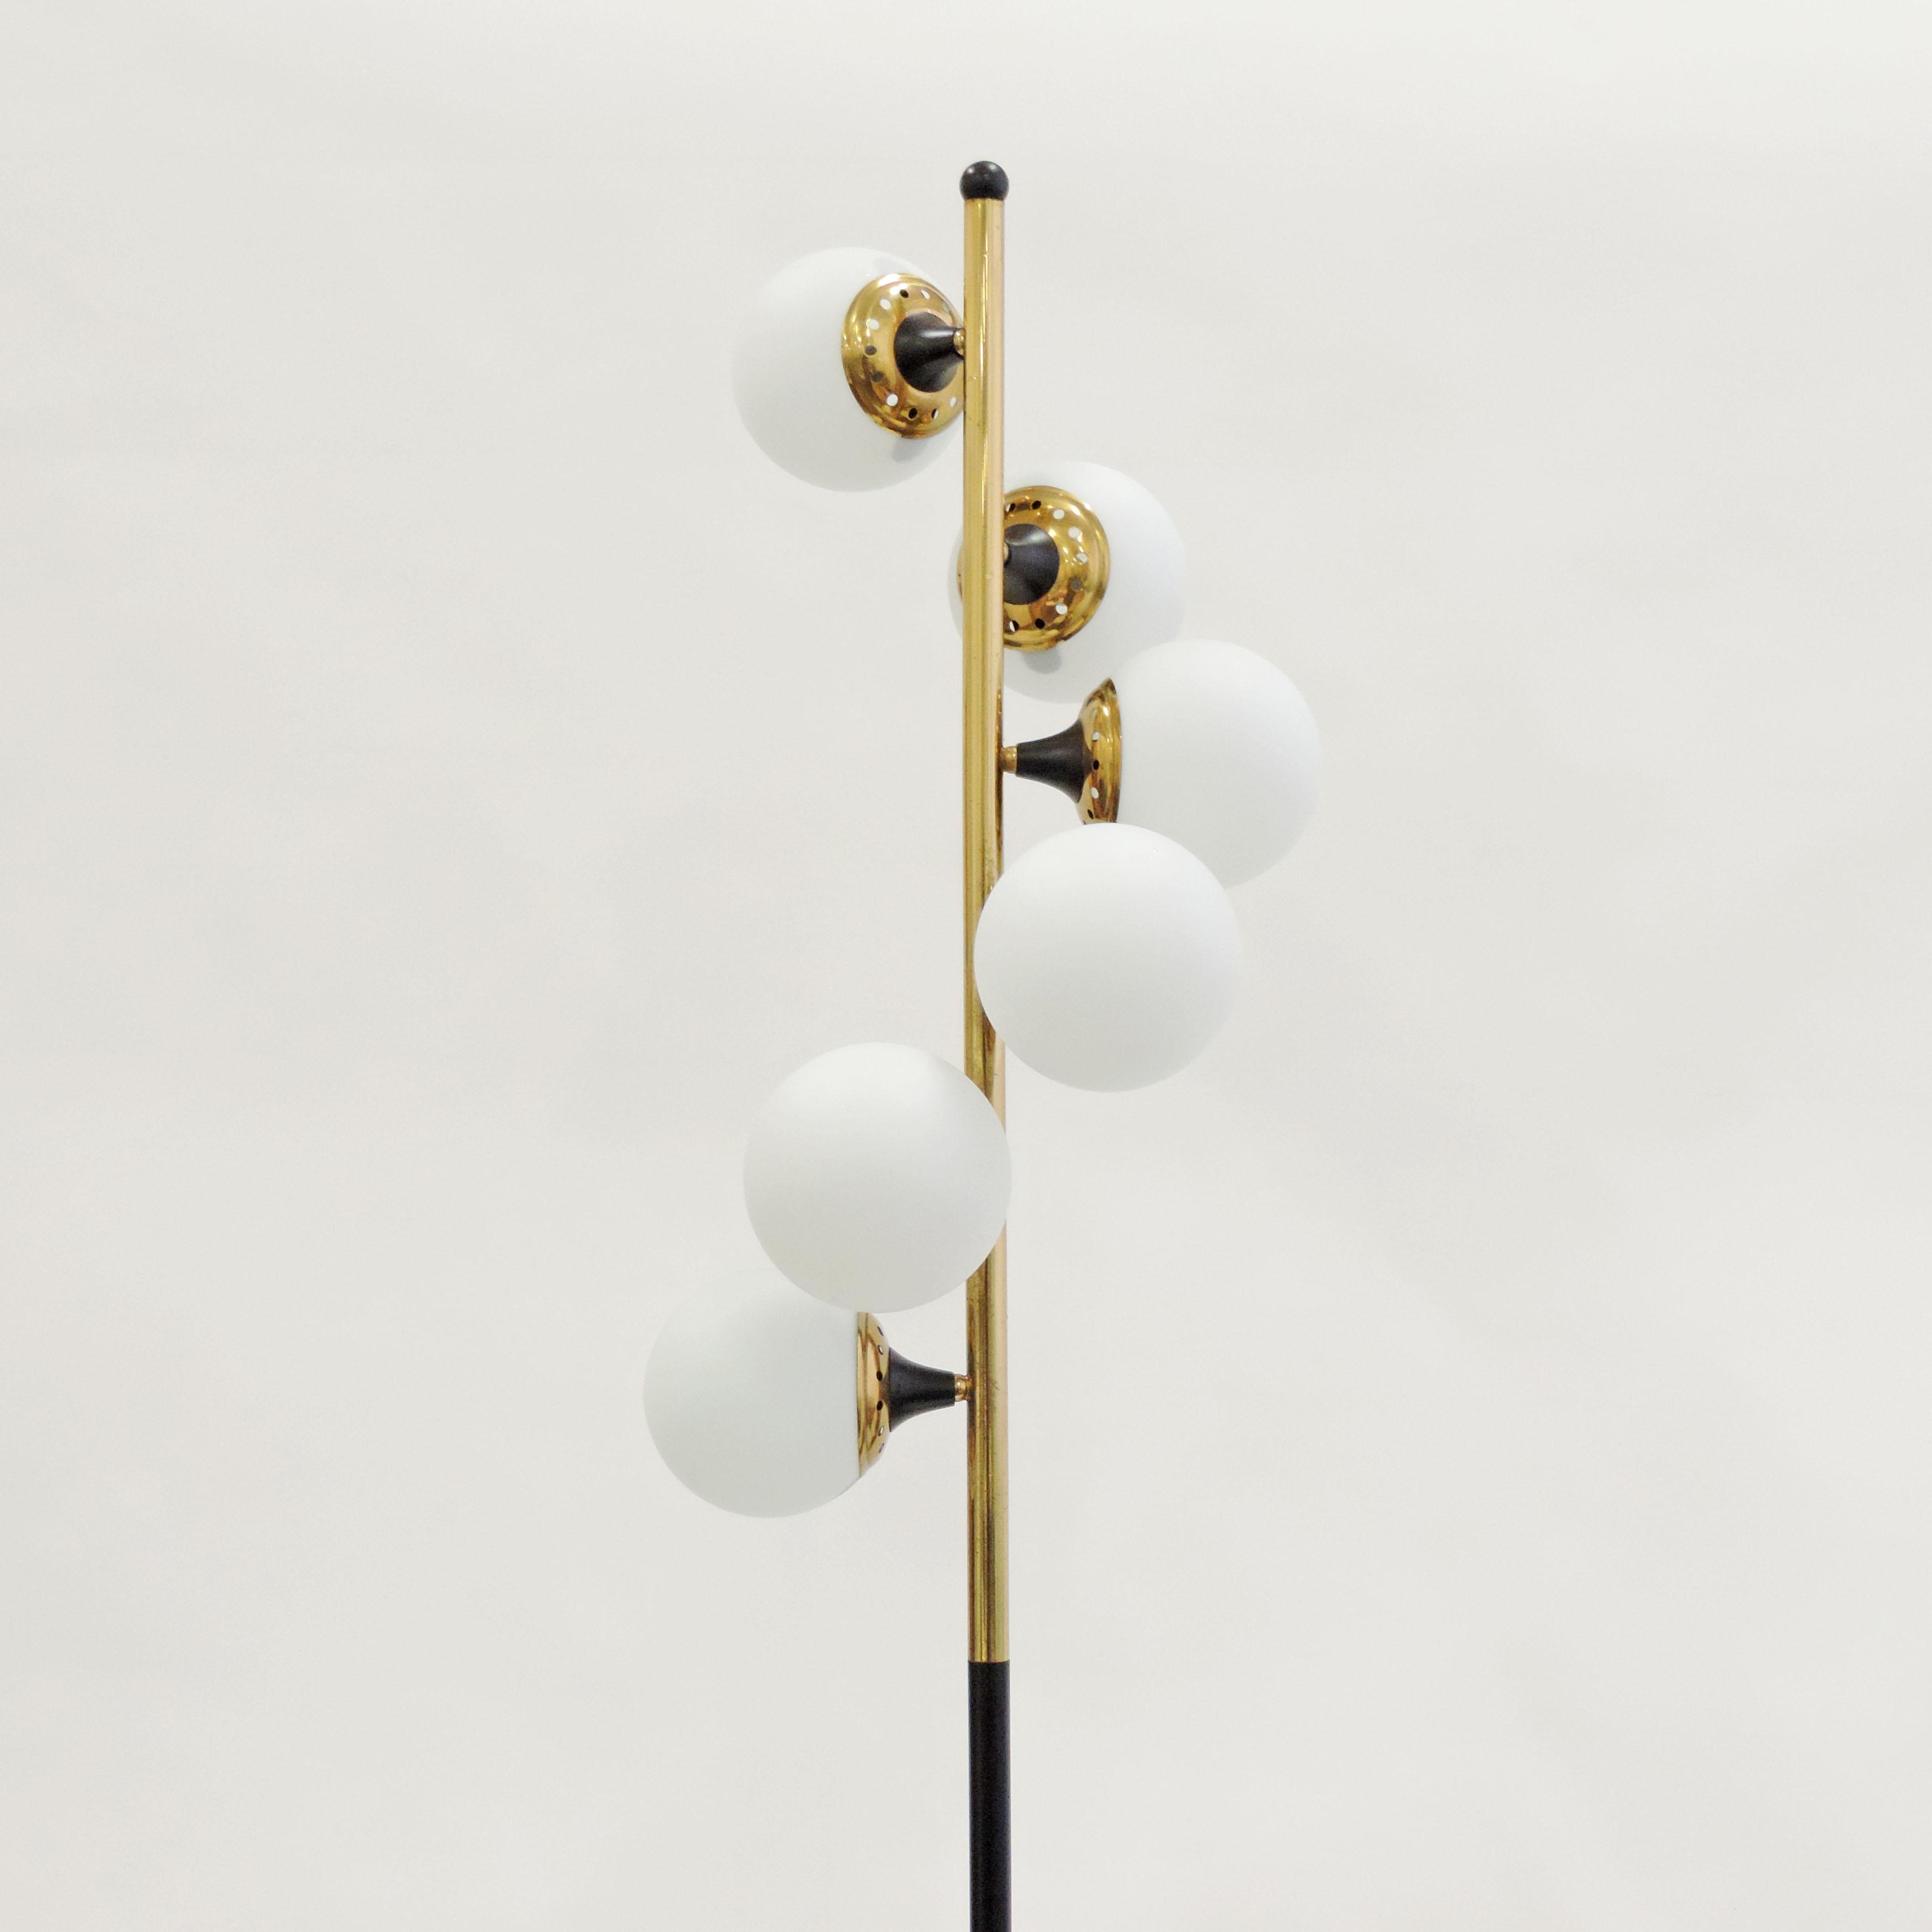 Stilnovo Spiral Floor Lamp